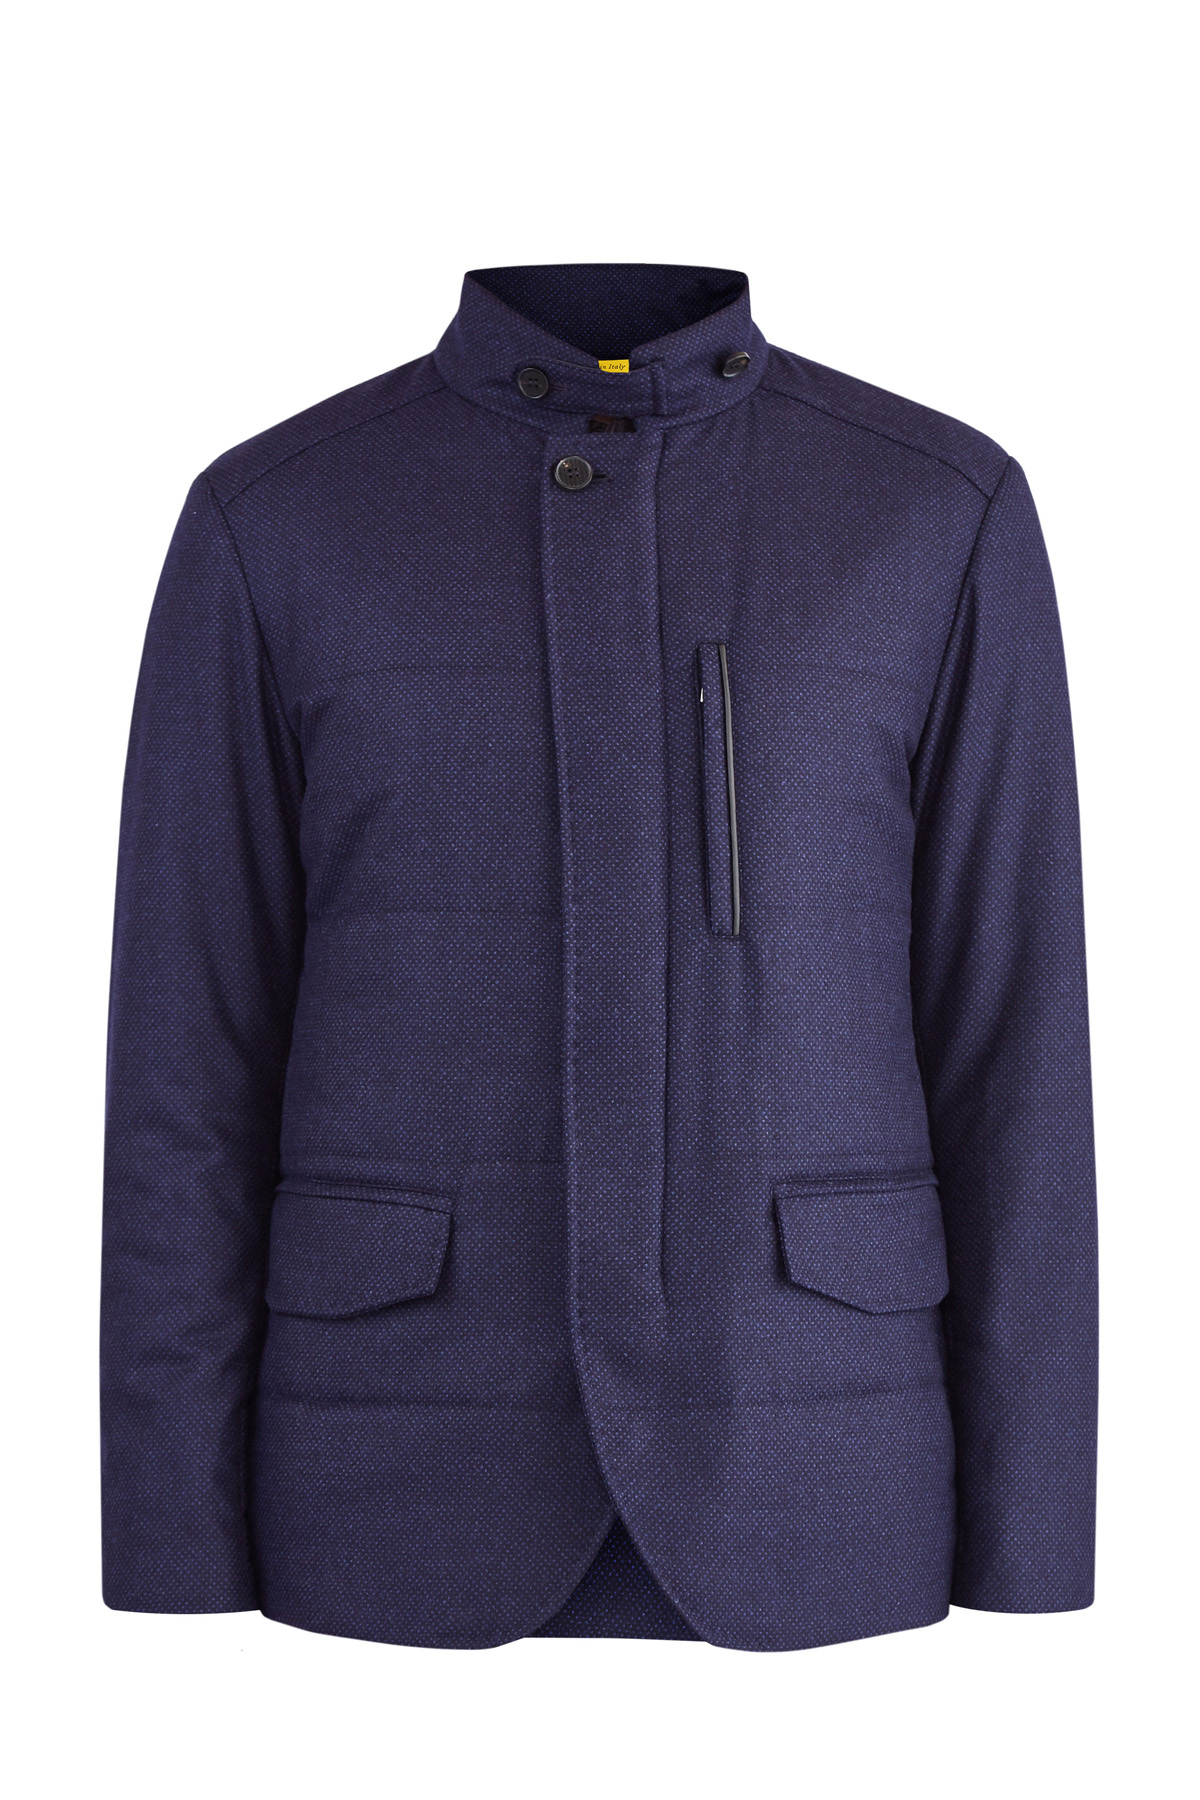 Шерстяная куртка-блейзер в классическом стиле с защитой от воды фото